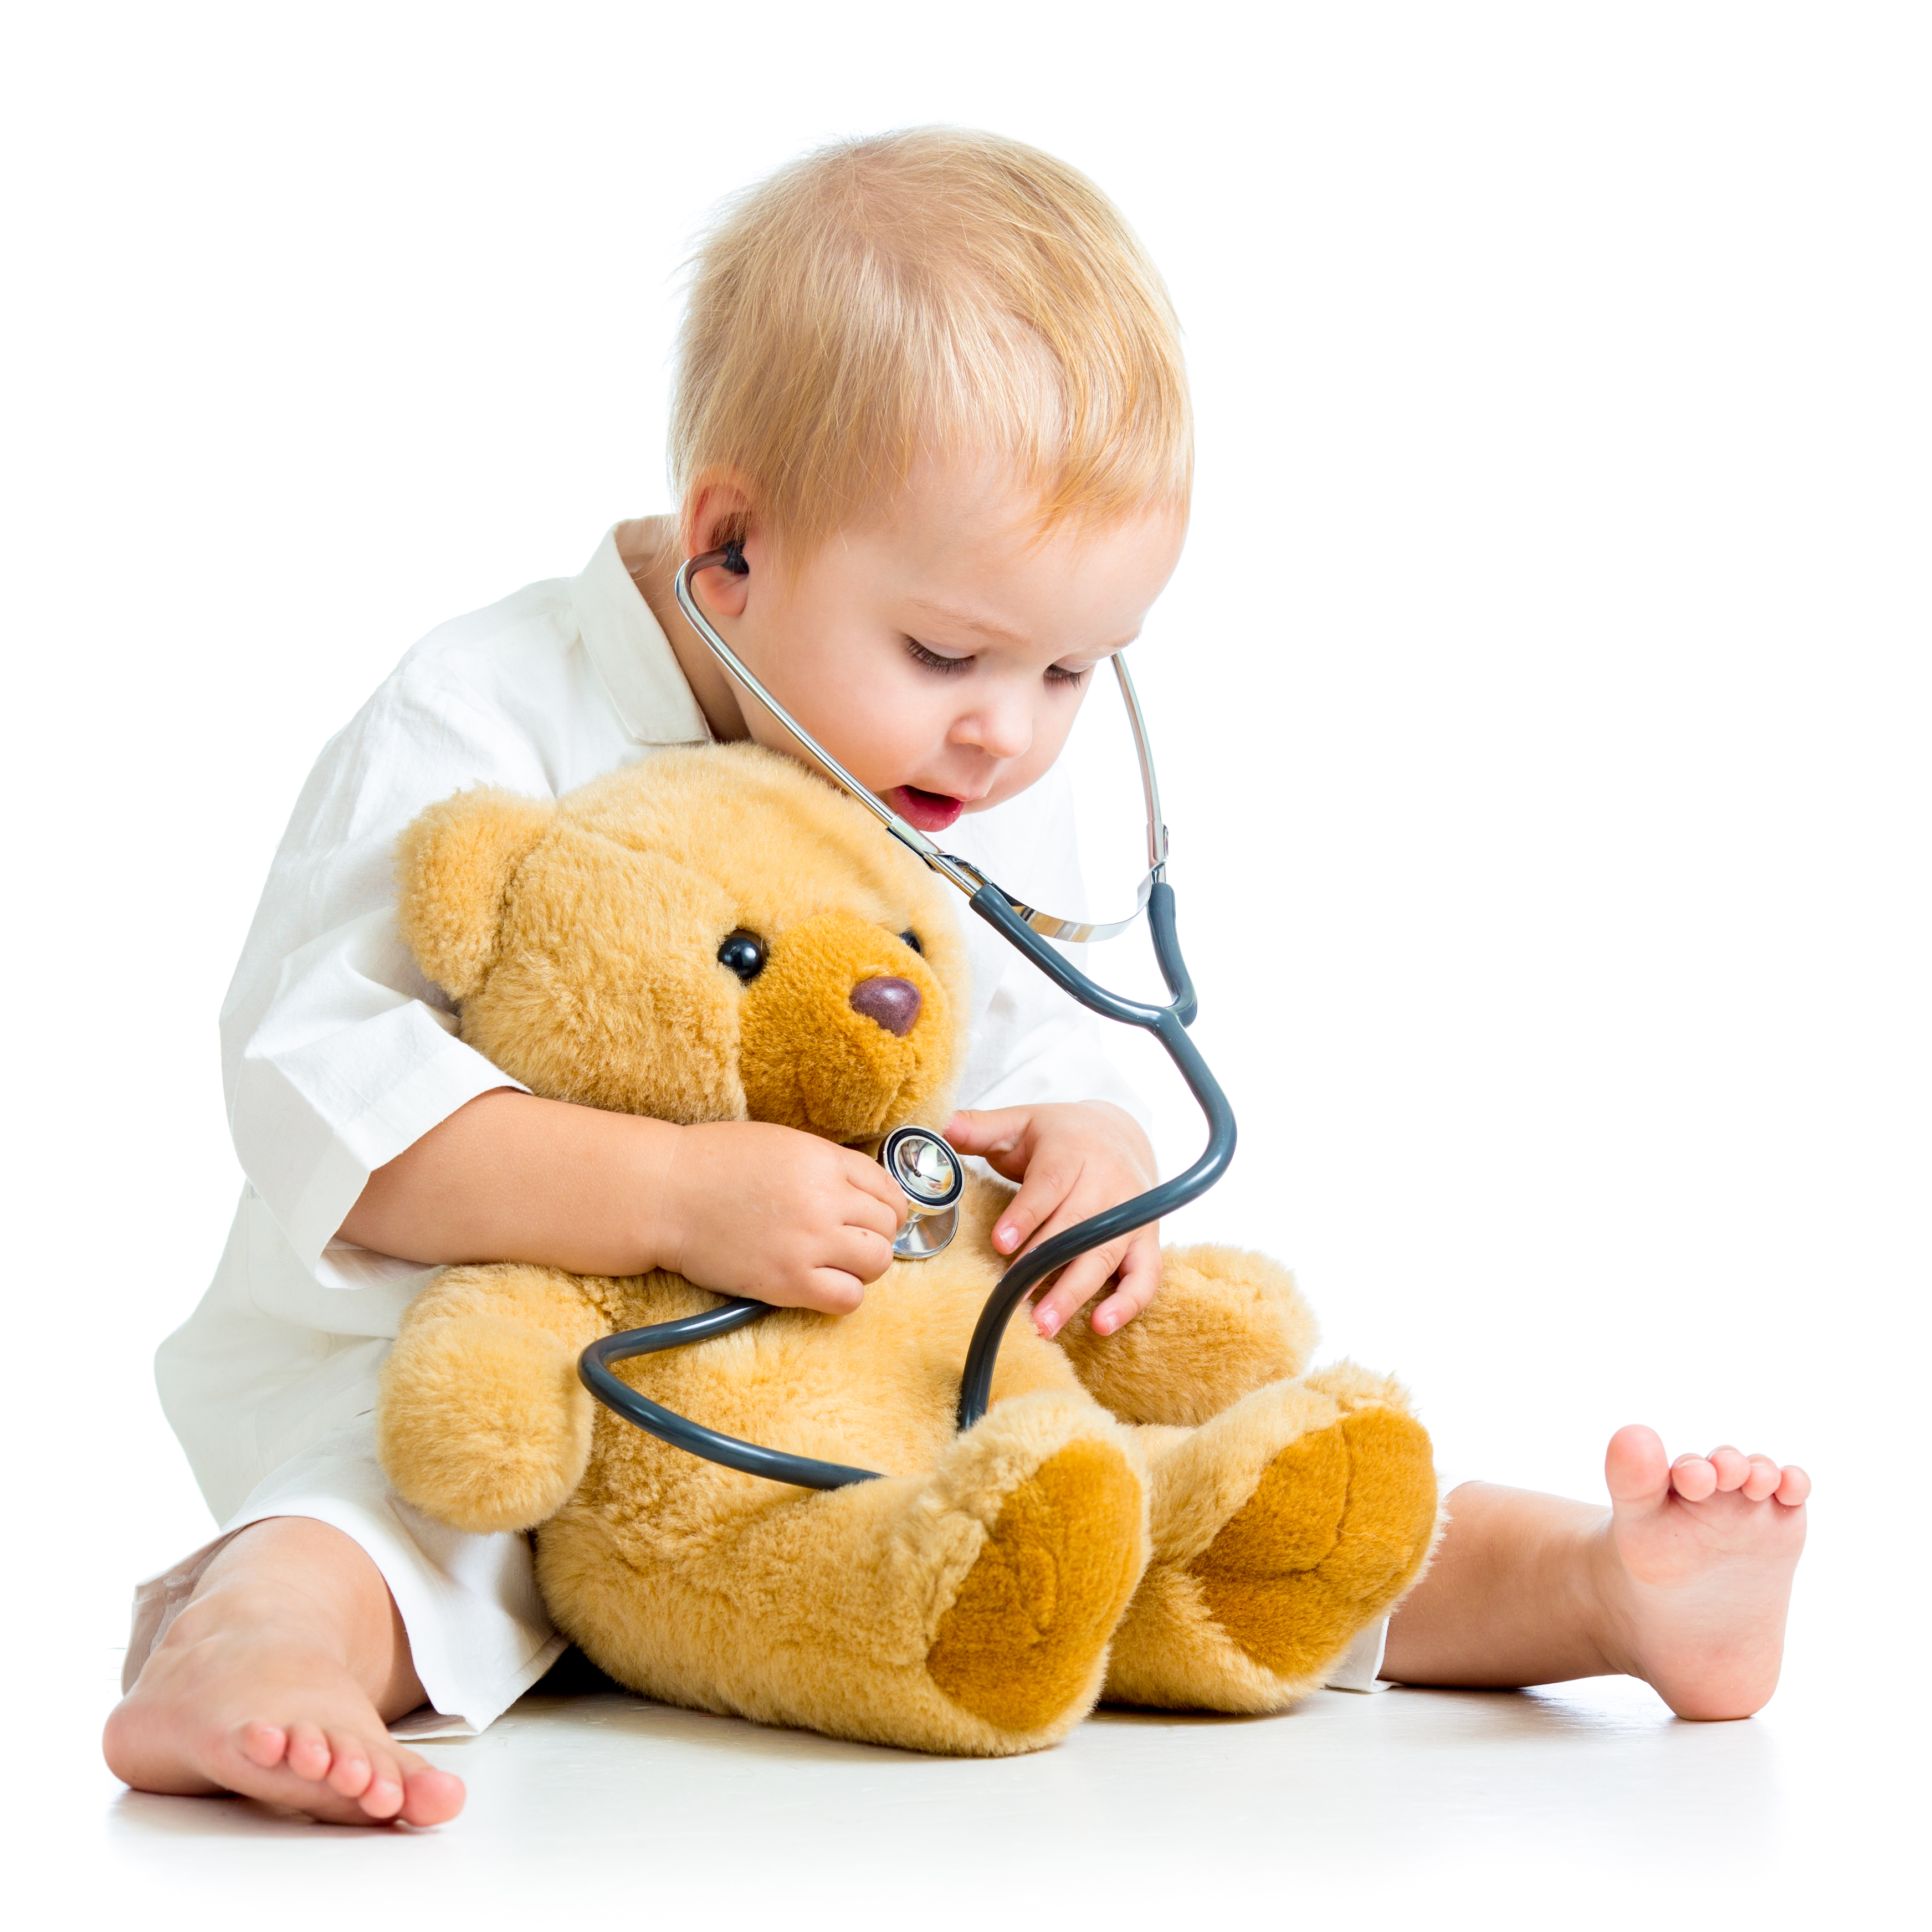 anemia em bebês